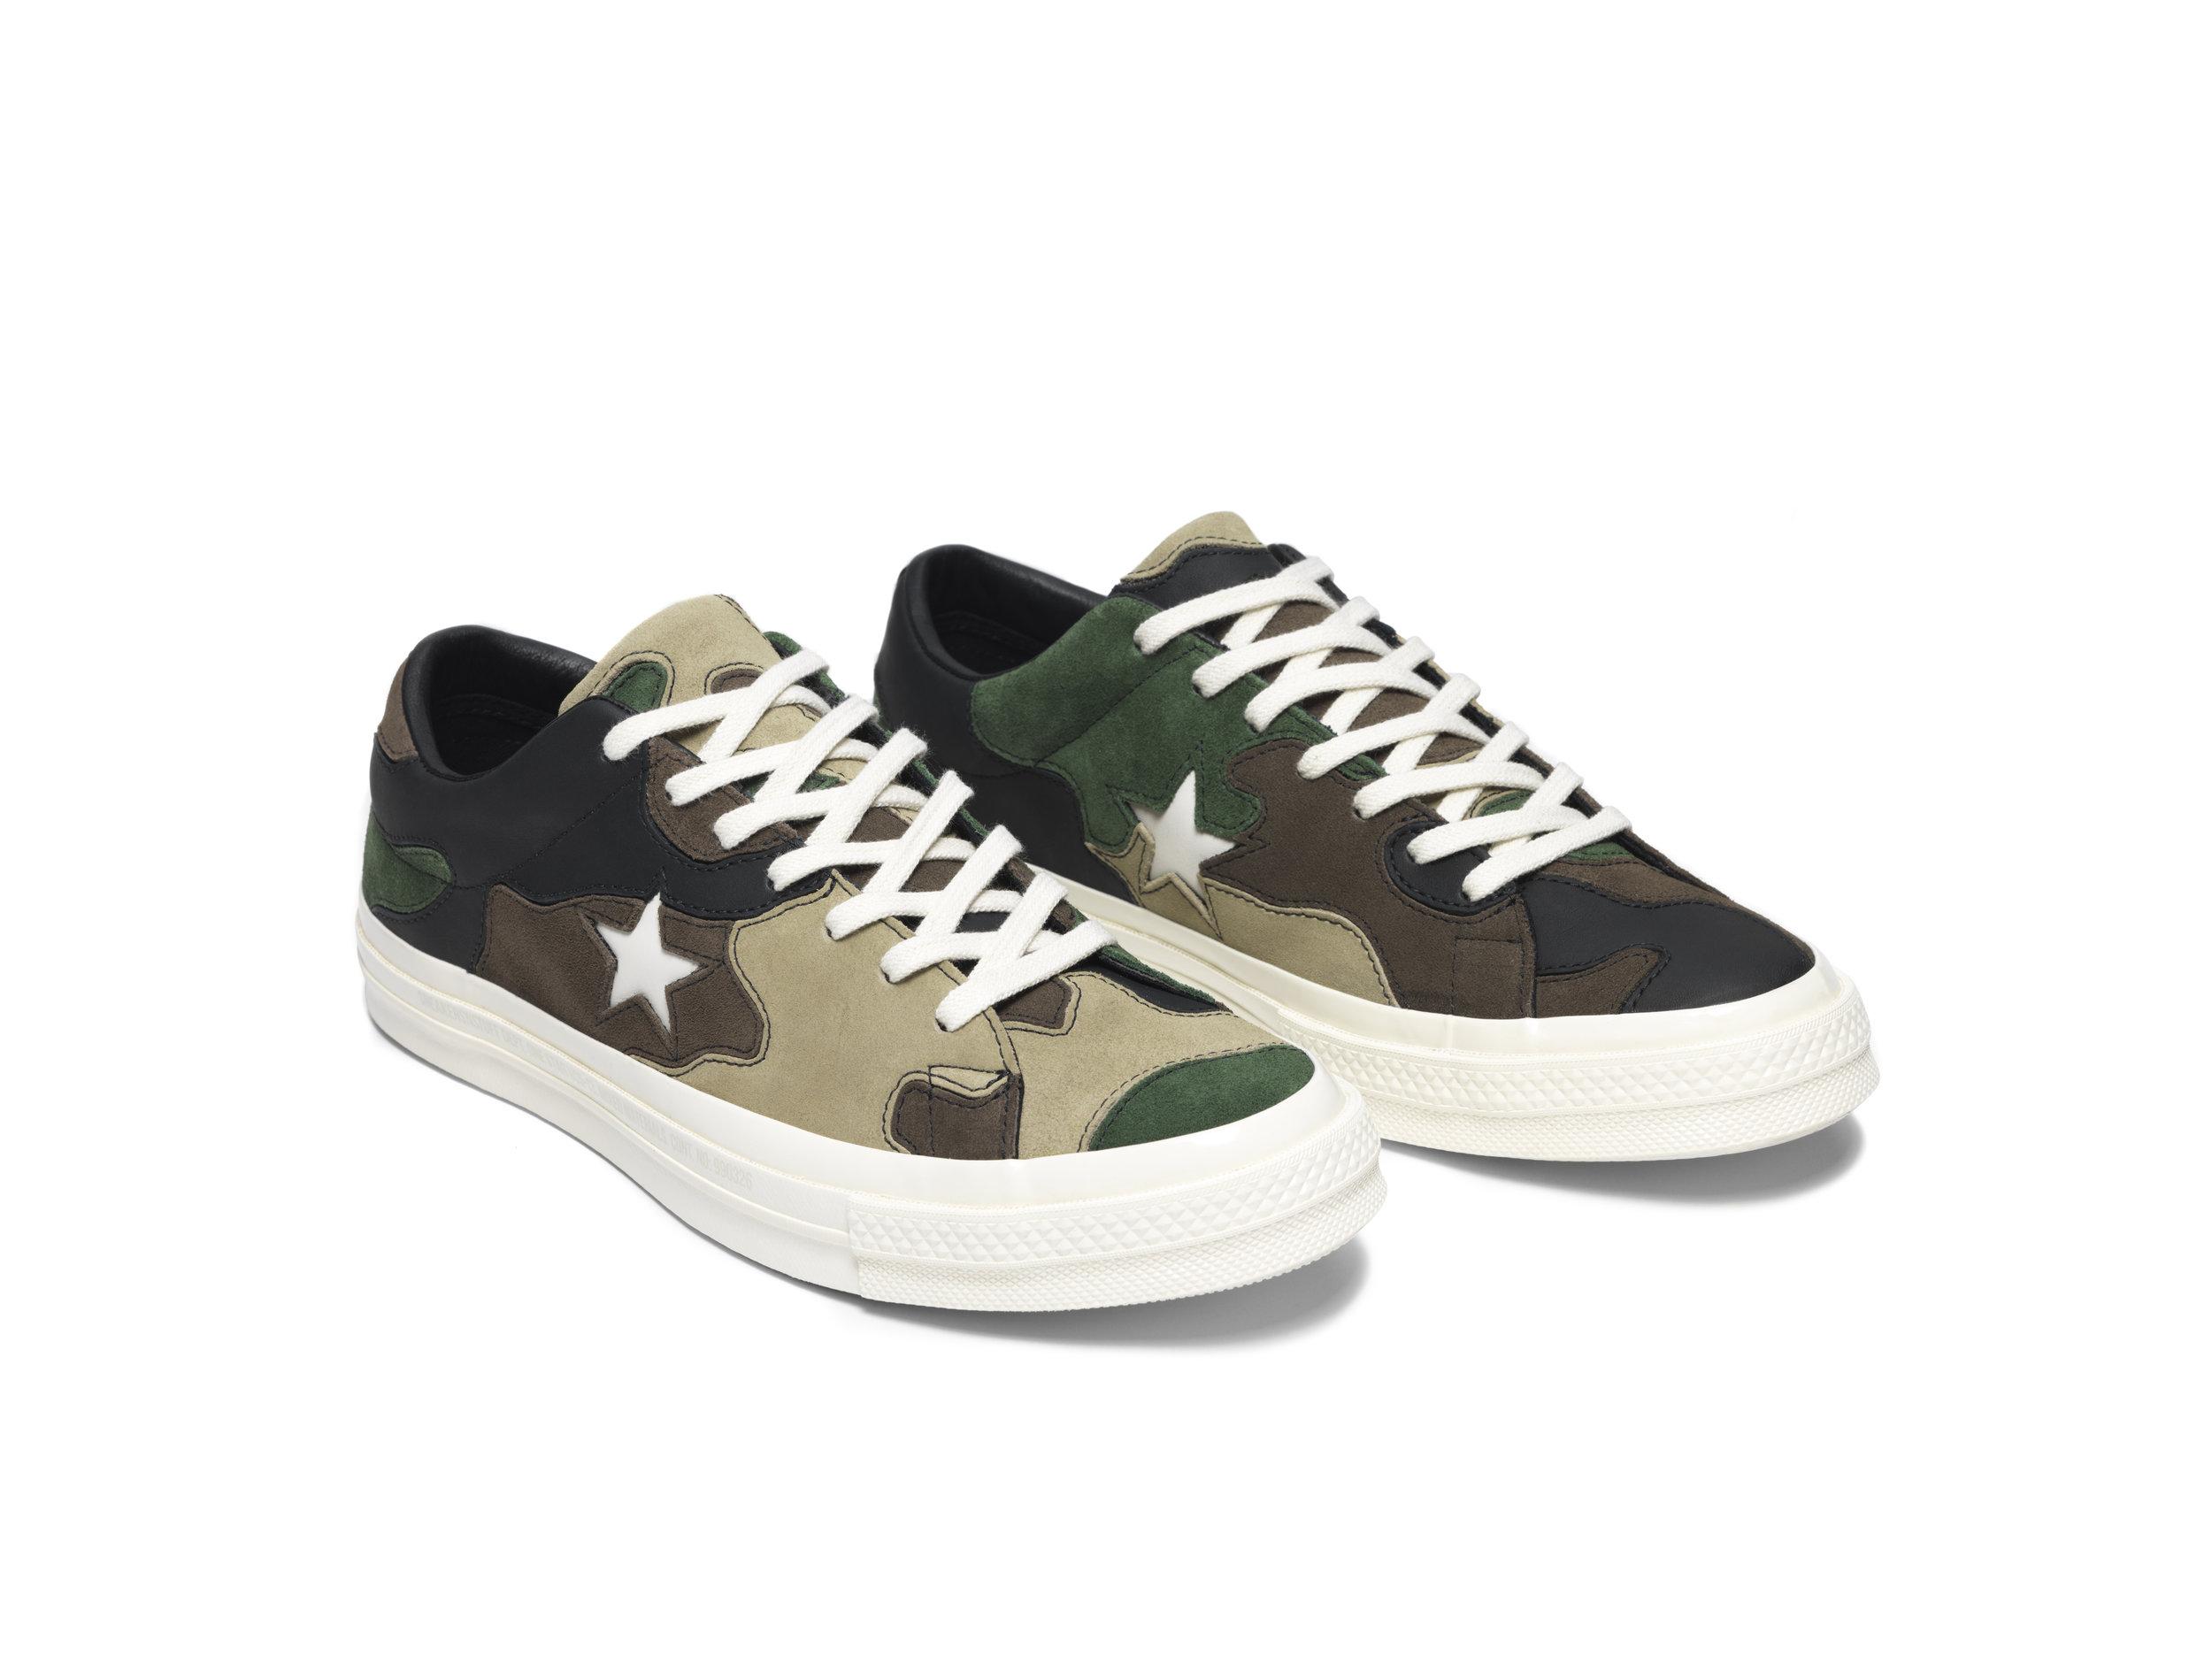 cbf34e0bdd427 Converse x Sneakersnstuff One Star Ox in Camo — MAJOR